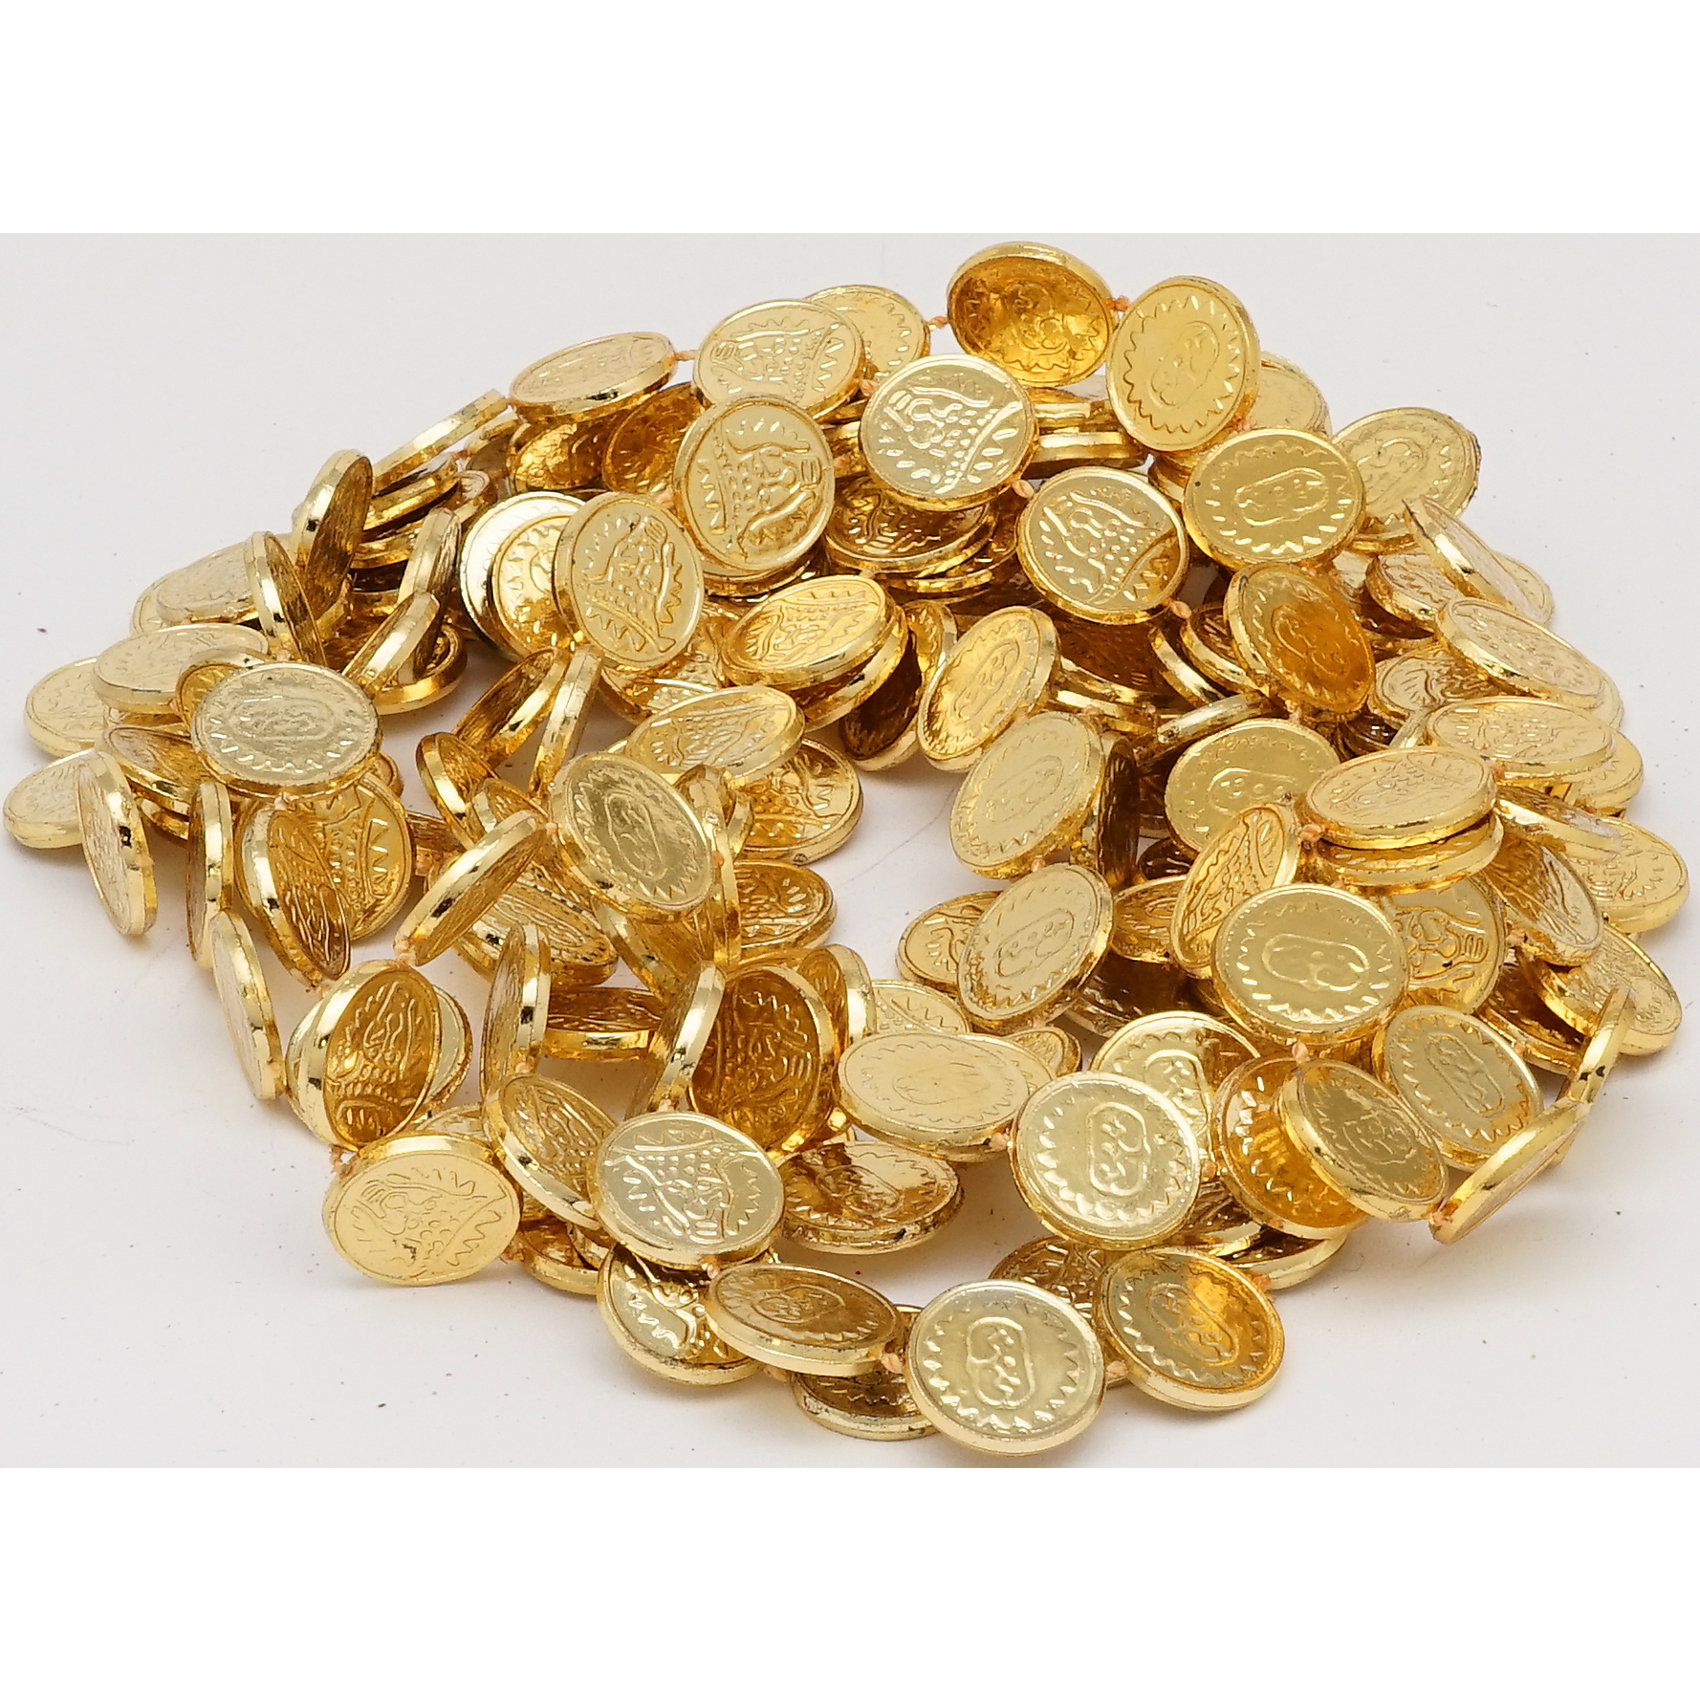 Гирлянда монеты, 270 см (золото)Гирлянда монеты 270 см (золото) арт.16101  (ДШВ 0,105Х0,01Х0,28 м.)<br><br>Ширина мм: 105<br>Глубина мм: 10<br>Высота мм: 280<br>Вес г: 400<br>Возраст от месяцев: 72<br>Возраст до месяцев: 480<br>Пол: Унисекс<br>Возраст: Детский<br>SKU: 5051639